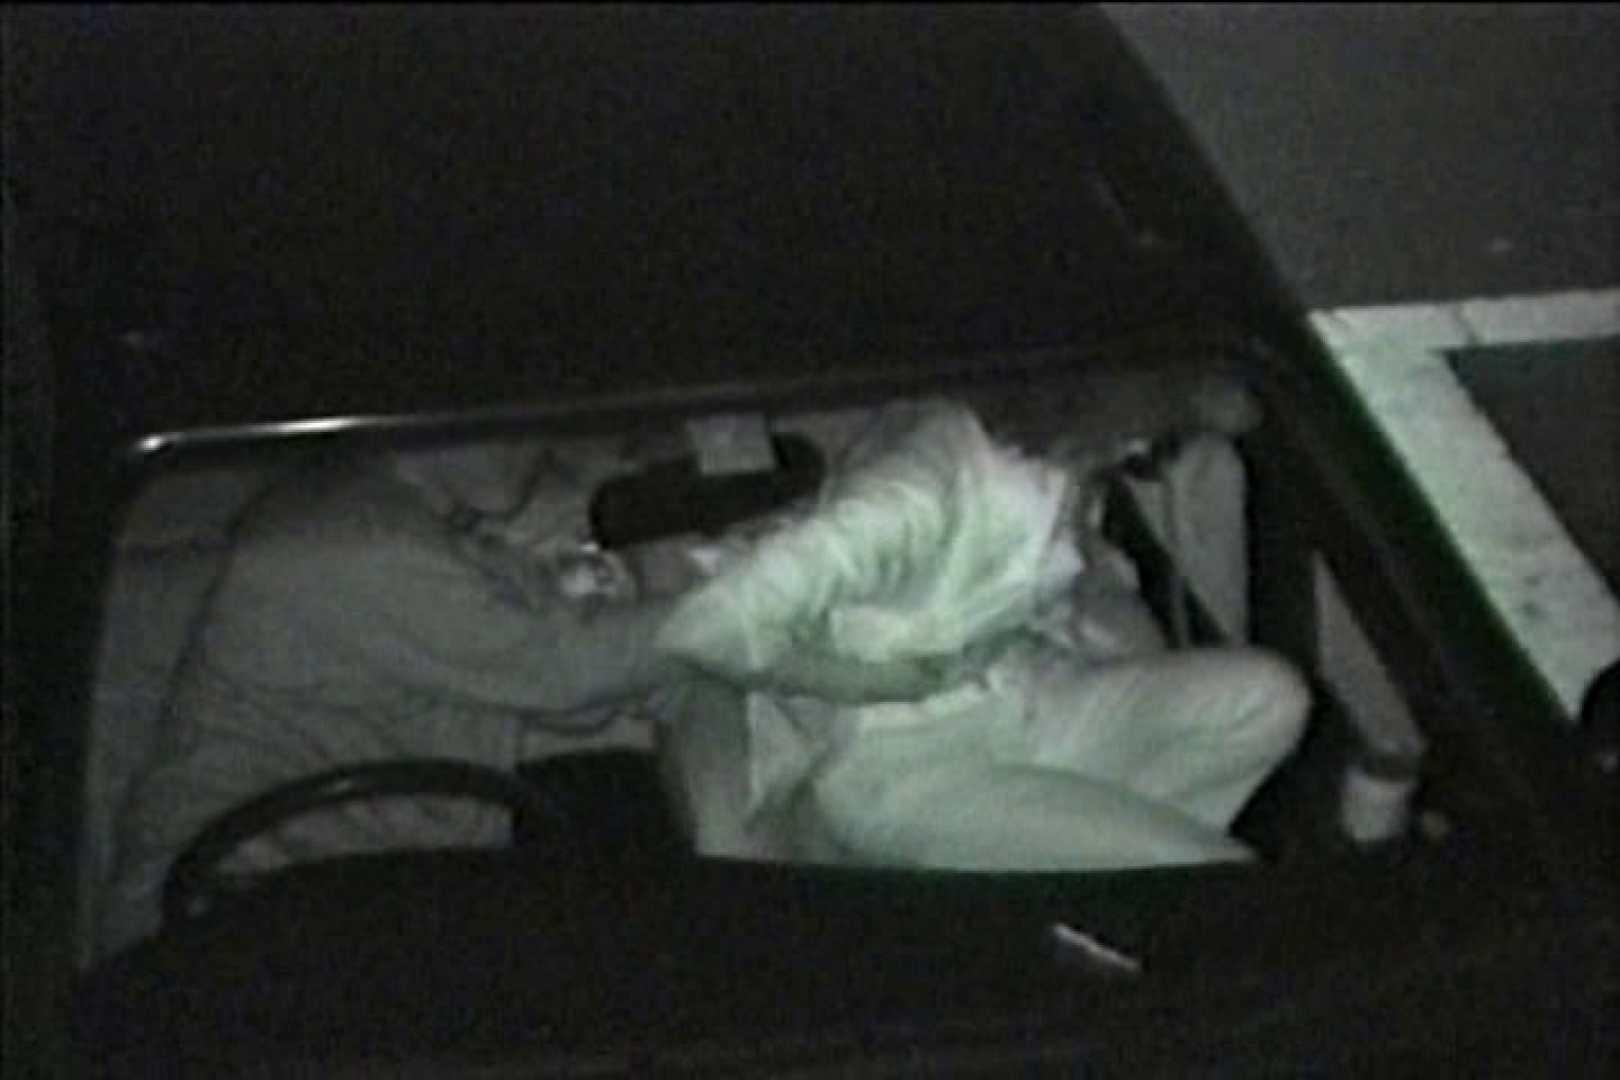 車の中はラブホテル 無修正版  Vol.7 接写 隠し撮りセックス画像 81画像 66